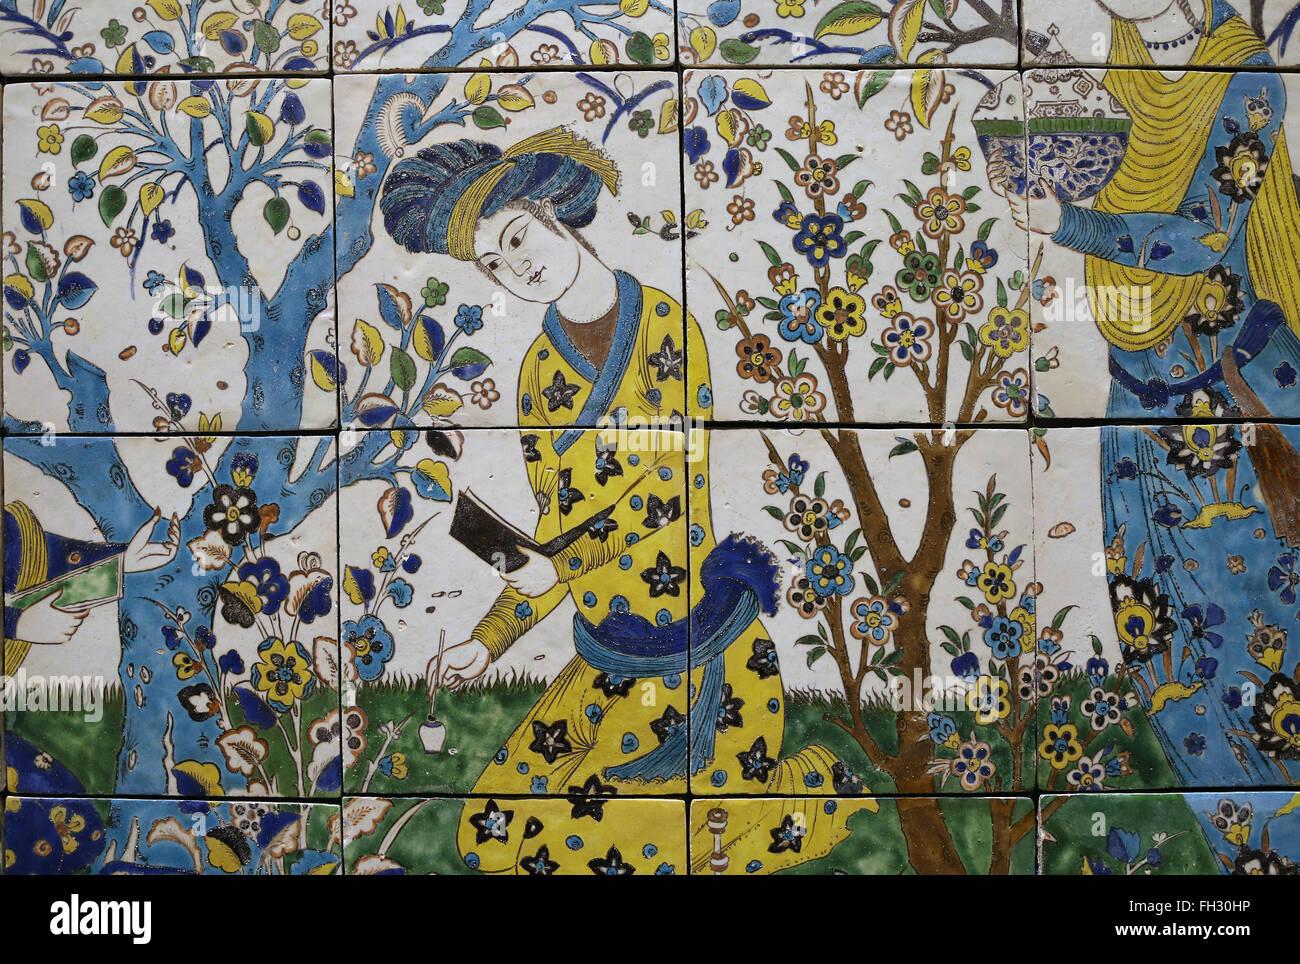 Safavid Art Stock Photos & Safavid Art Stock Images - Alamy